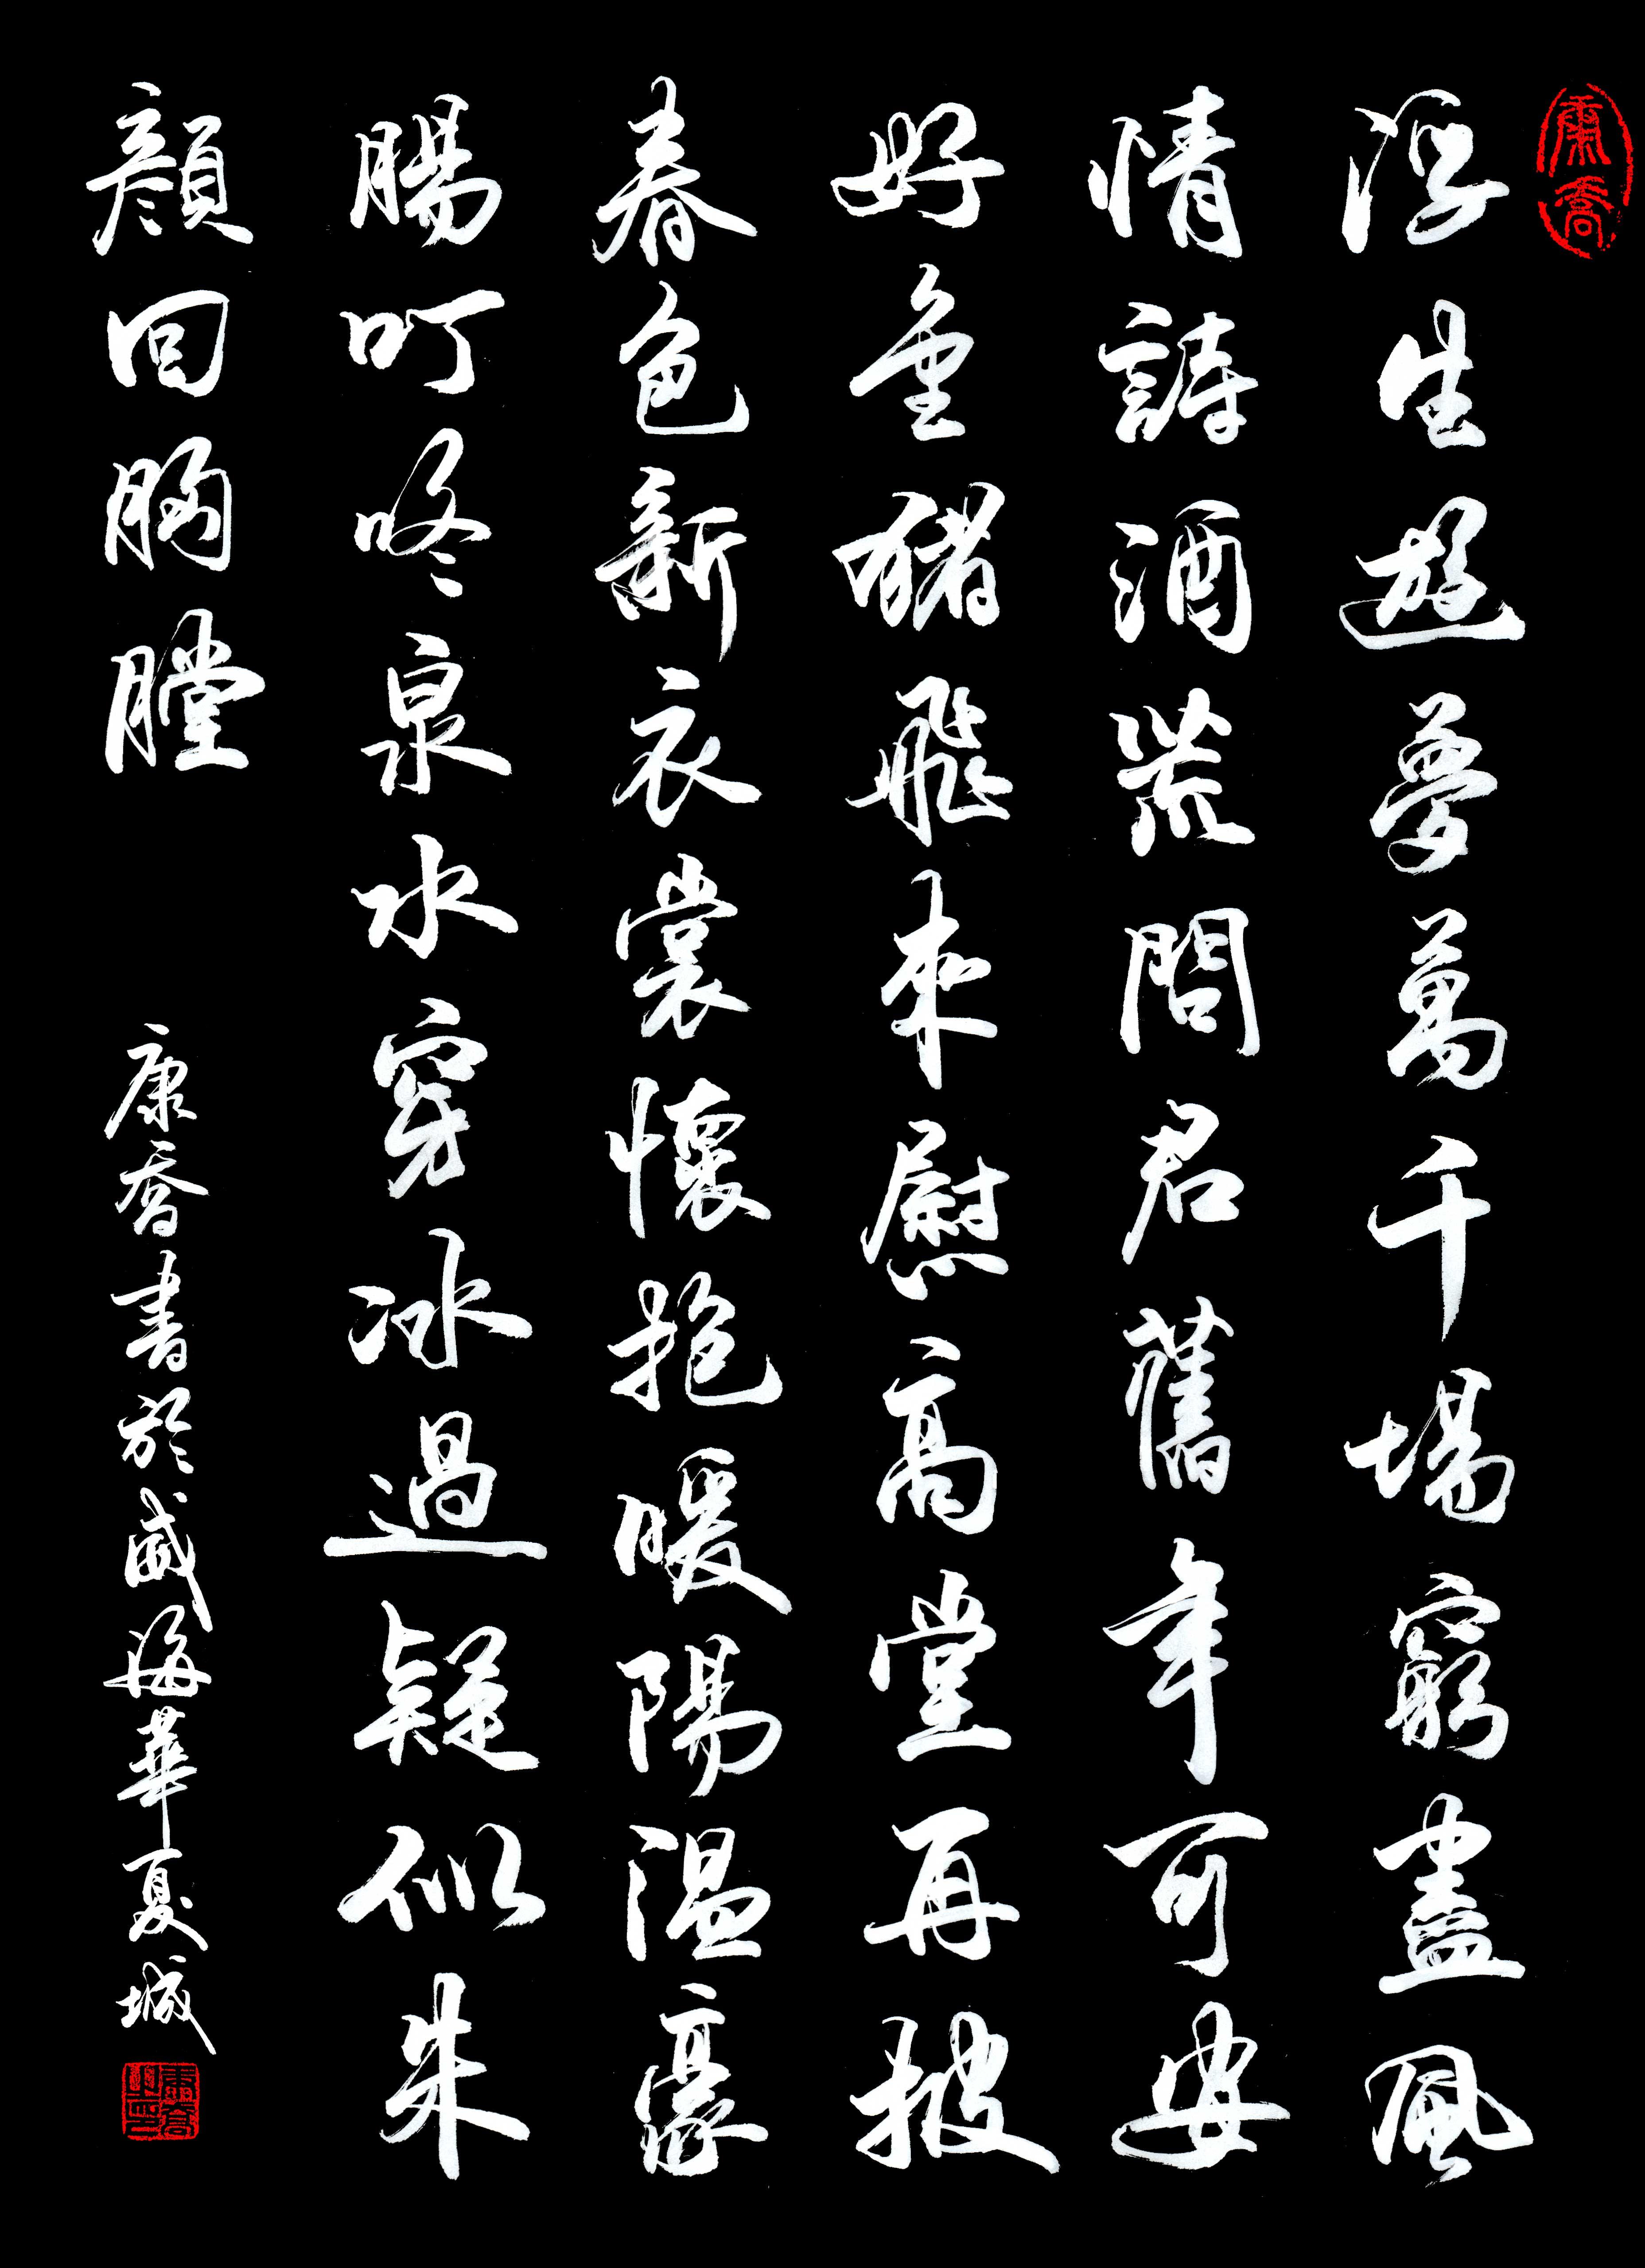 【书法】北京陆誉中先生2019年元旦贺词,康乔书于威海华夏城